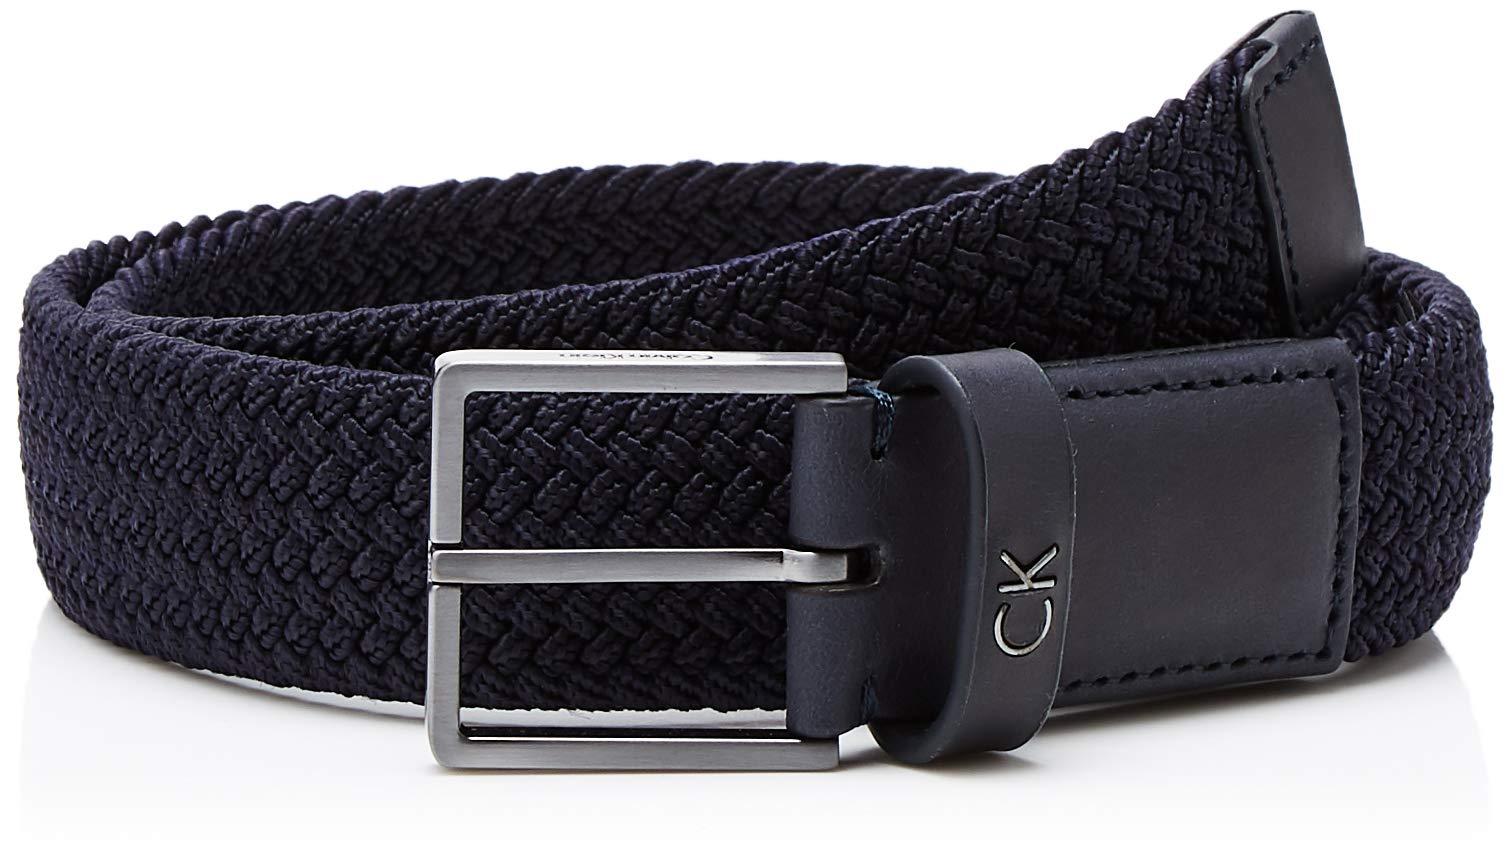 Calvin Elastic Fabricant80Homme Belt Formal 3 CeintureBleunavy 5cm Klein 41195taille CoWdxeQBEr